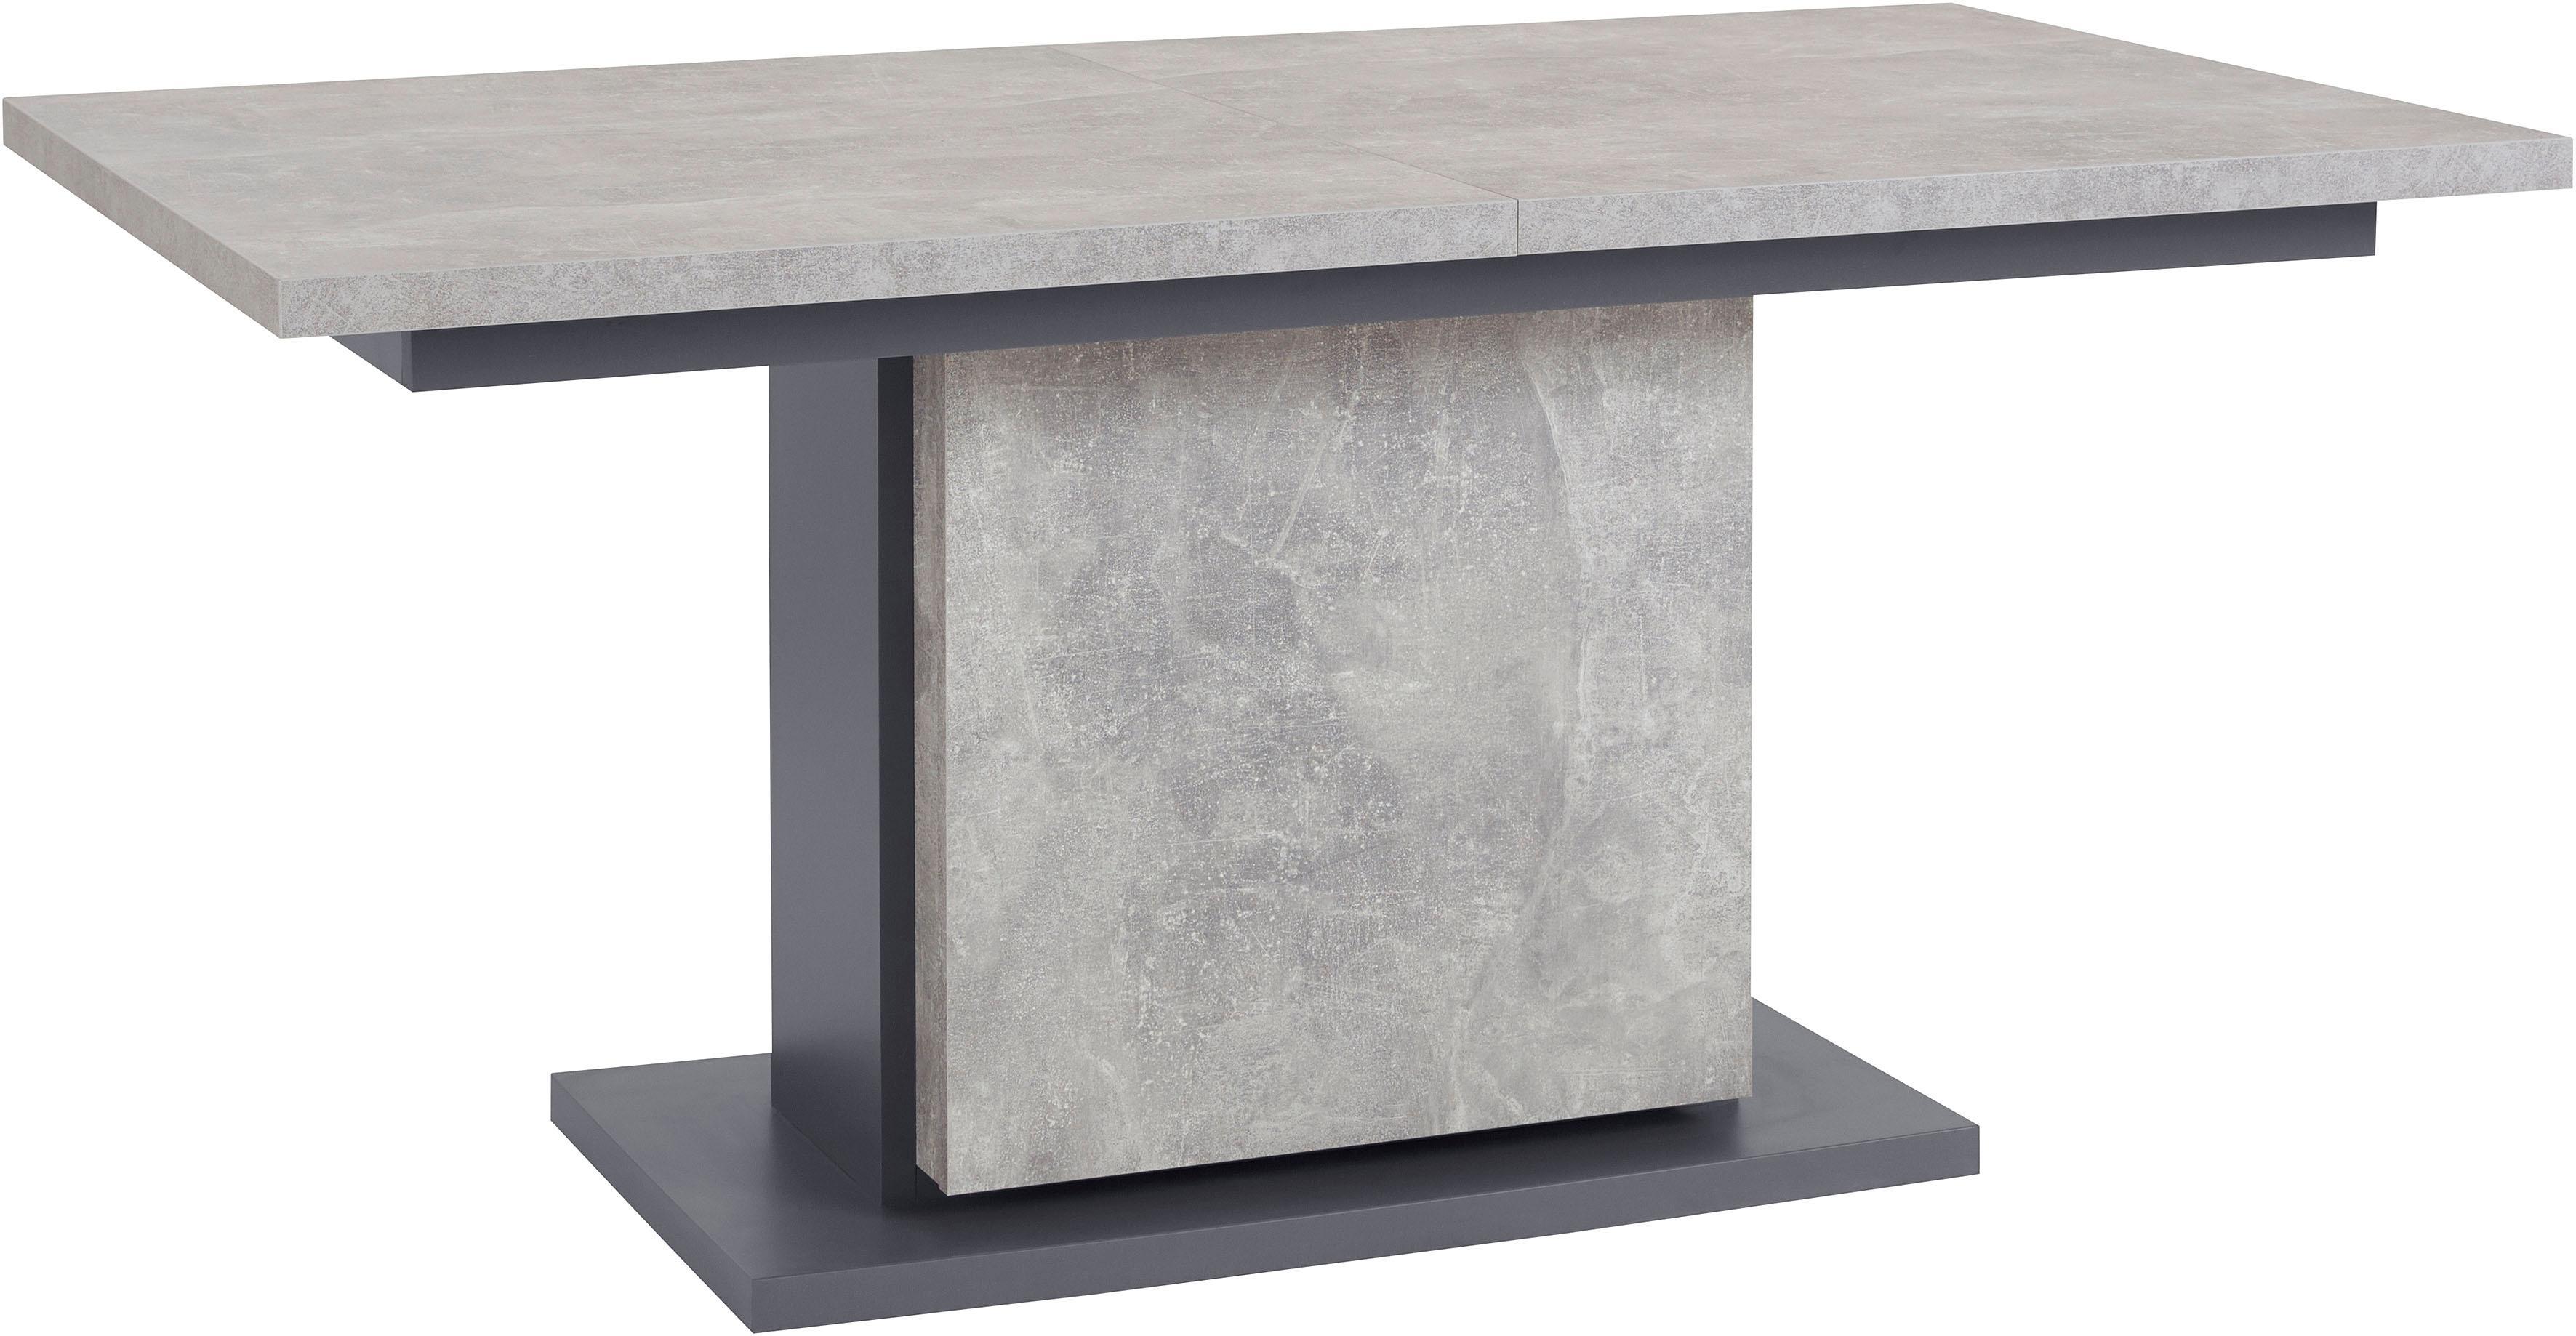 Homexperts Säulen-Esstisch mit Auszug Breite 160 cm